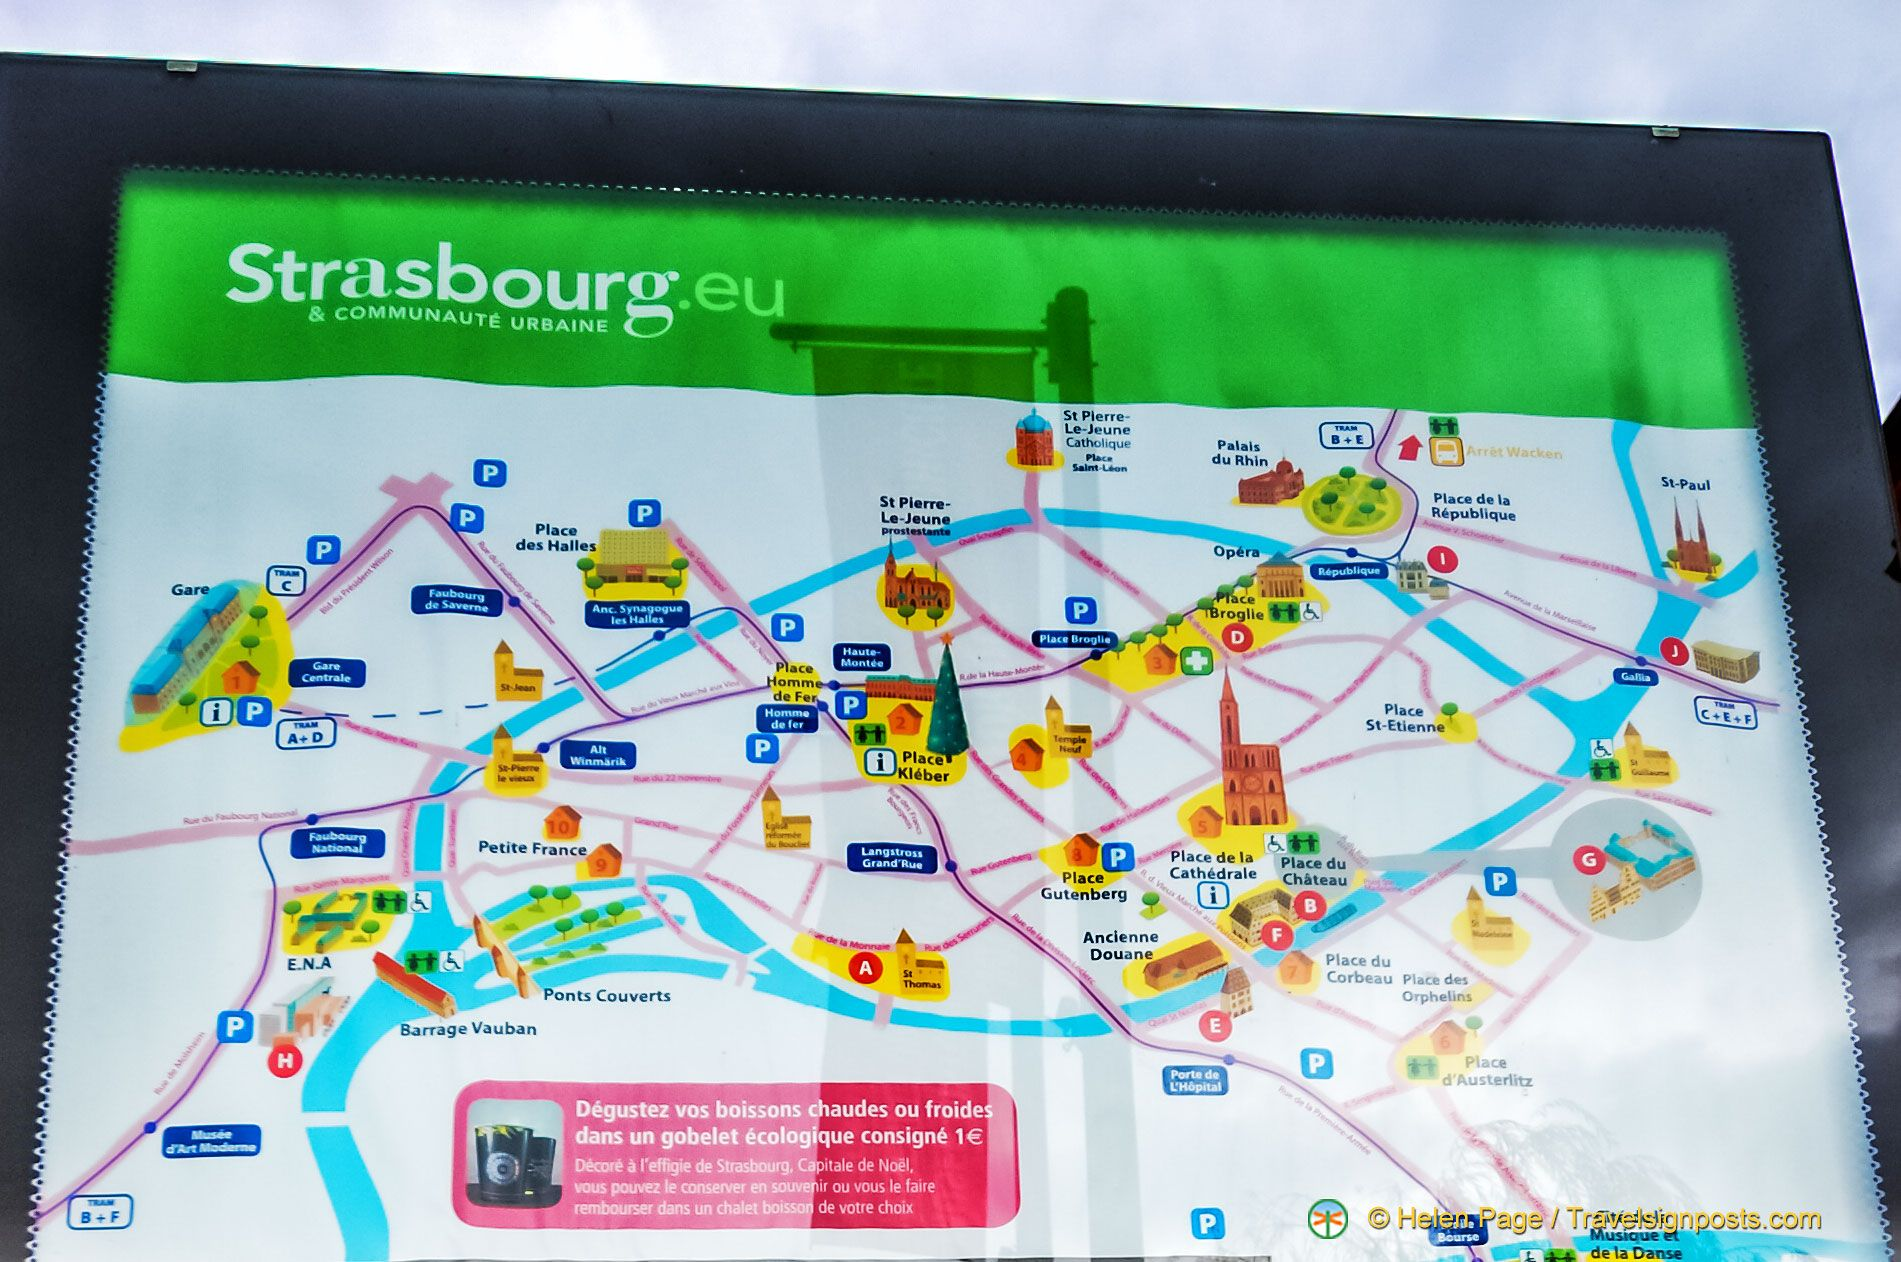 Salzburg Christmas Market Map.Image Result For Strasbourg Christmas Market Map Xmas